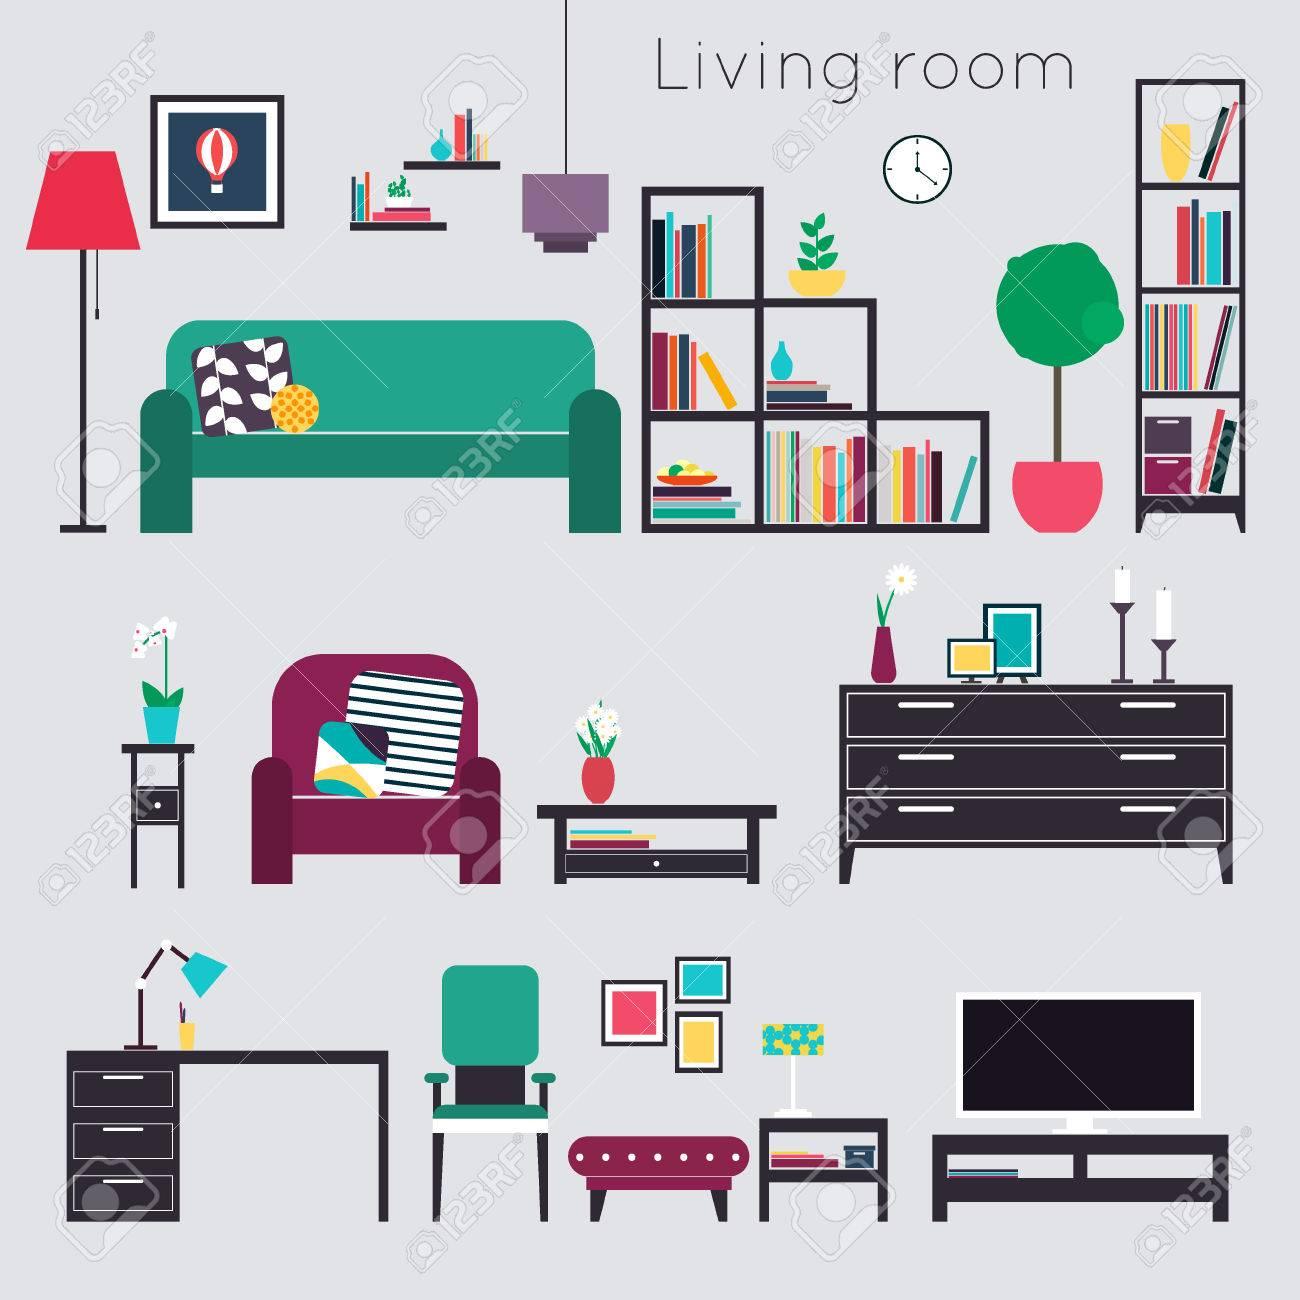 Wohnzimmer Mobel Und Wohnaccessoires Lizenzfrei Nutzbare